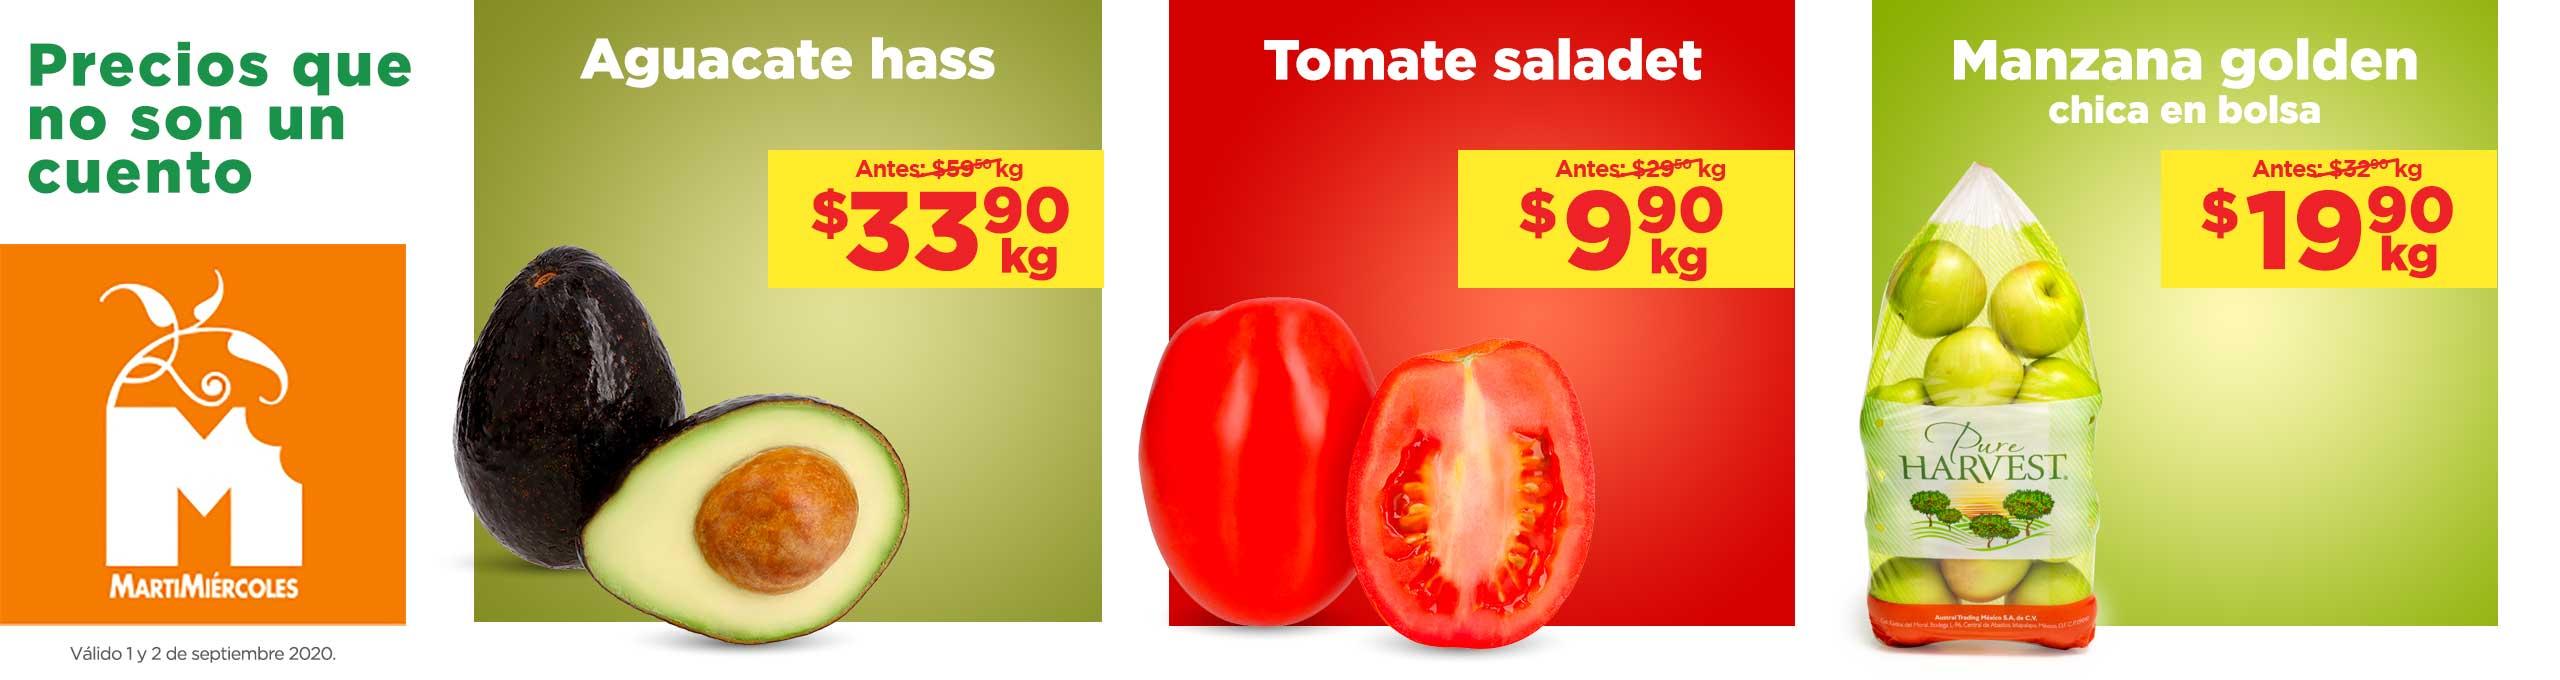 Frutas y Verduras Chedraui 1 y 2 de septiembre 2020